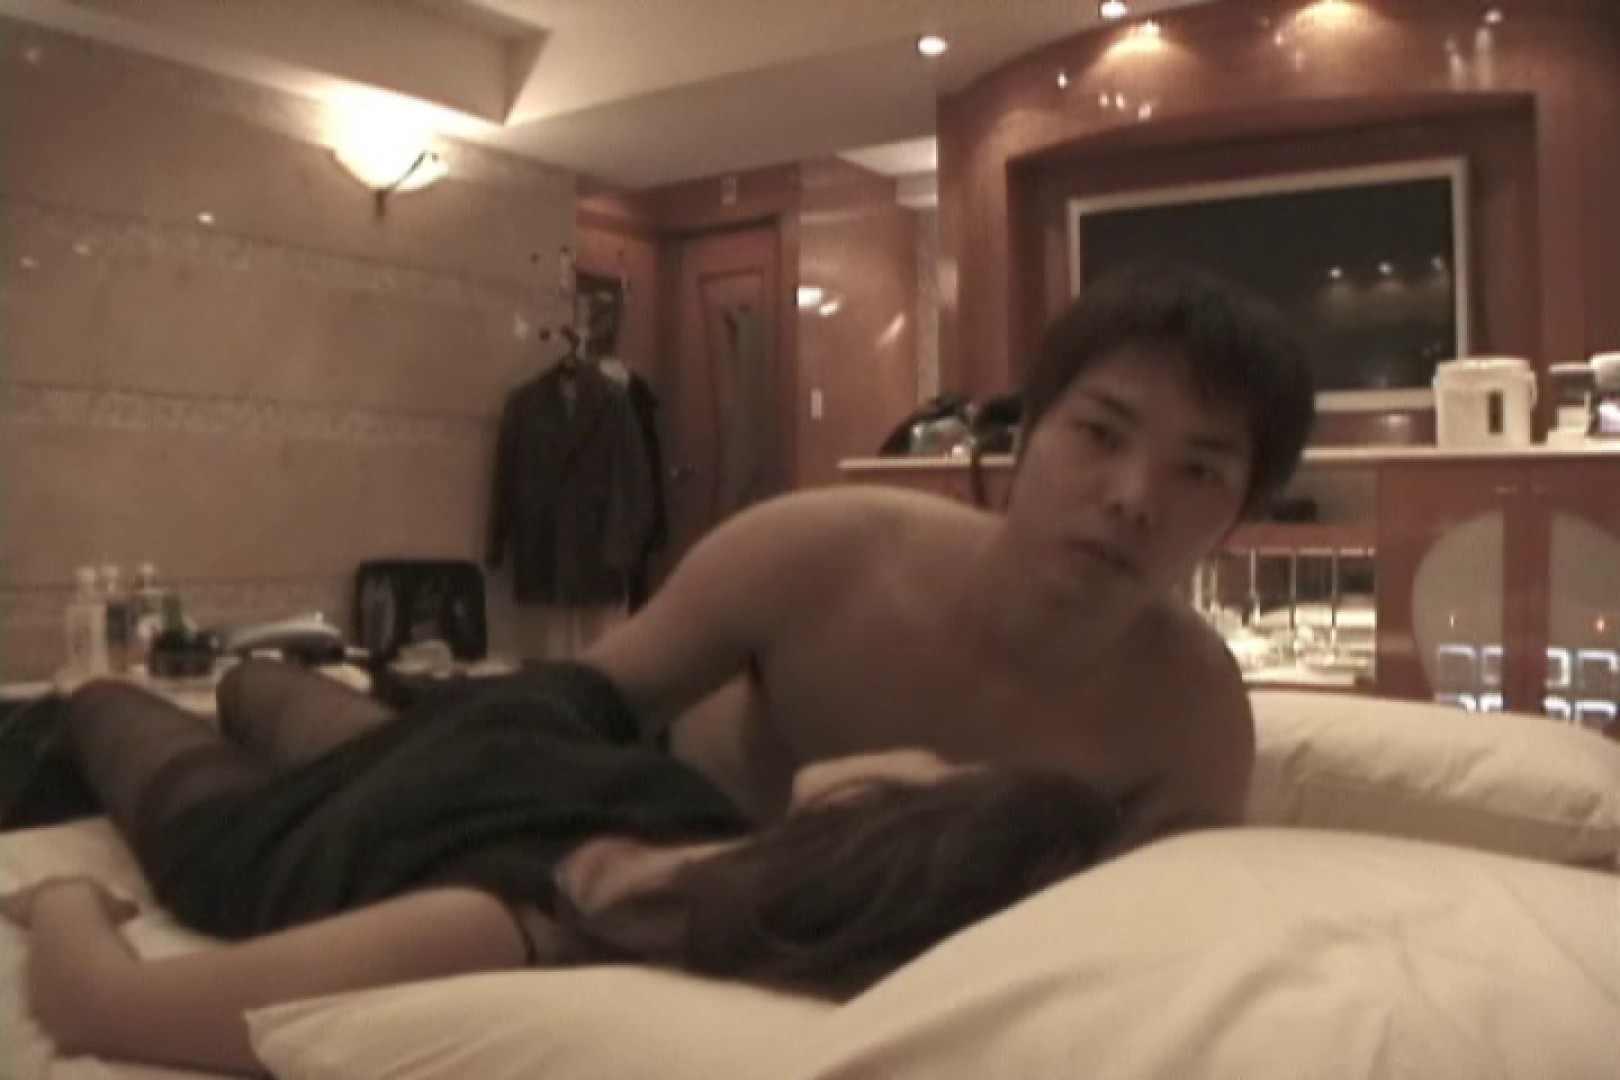 敏感な私の体を好きにして~川田さやか~ お姉さん達の乳首   ローター  76枚 43